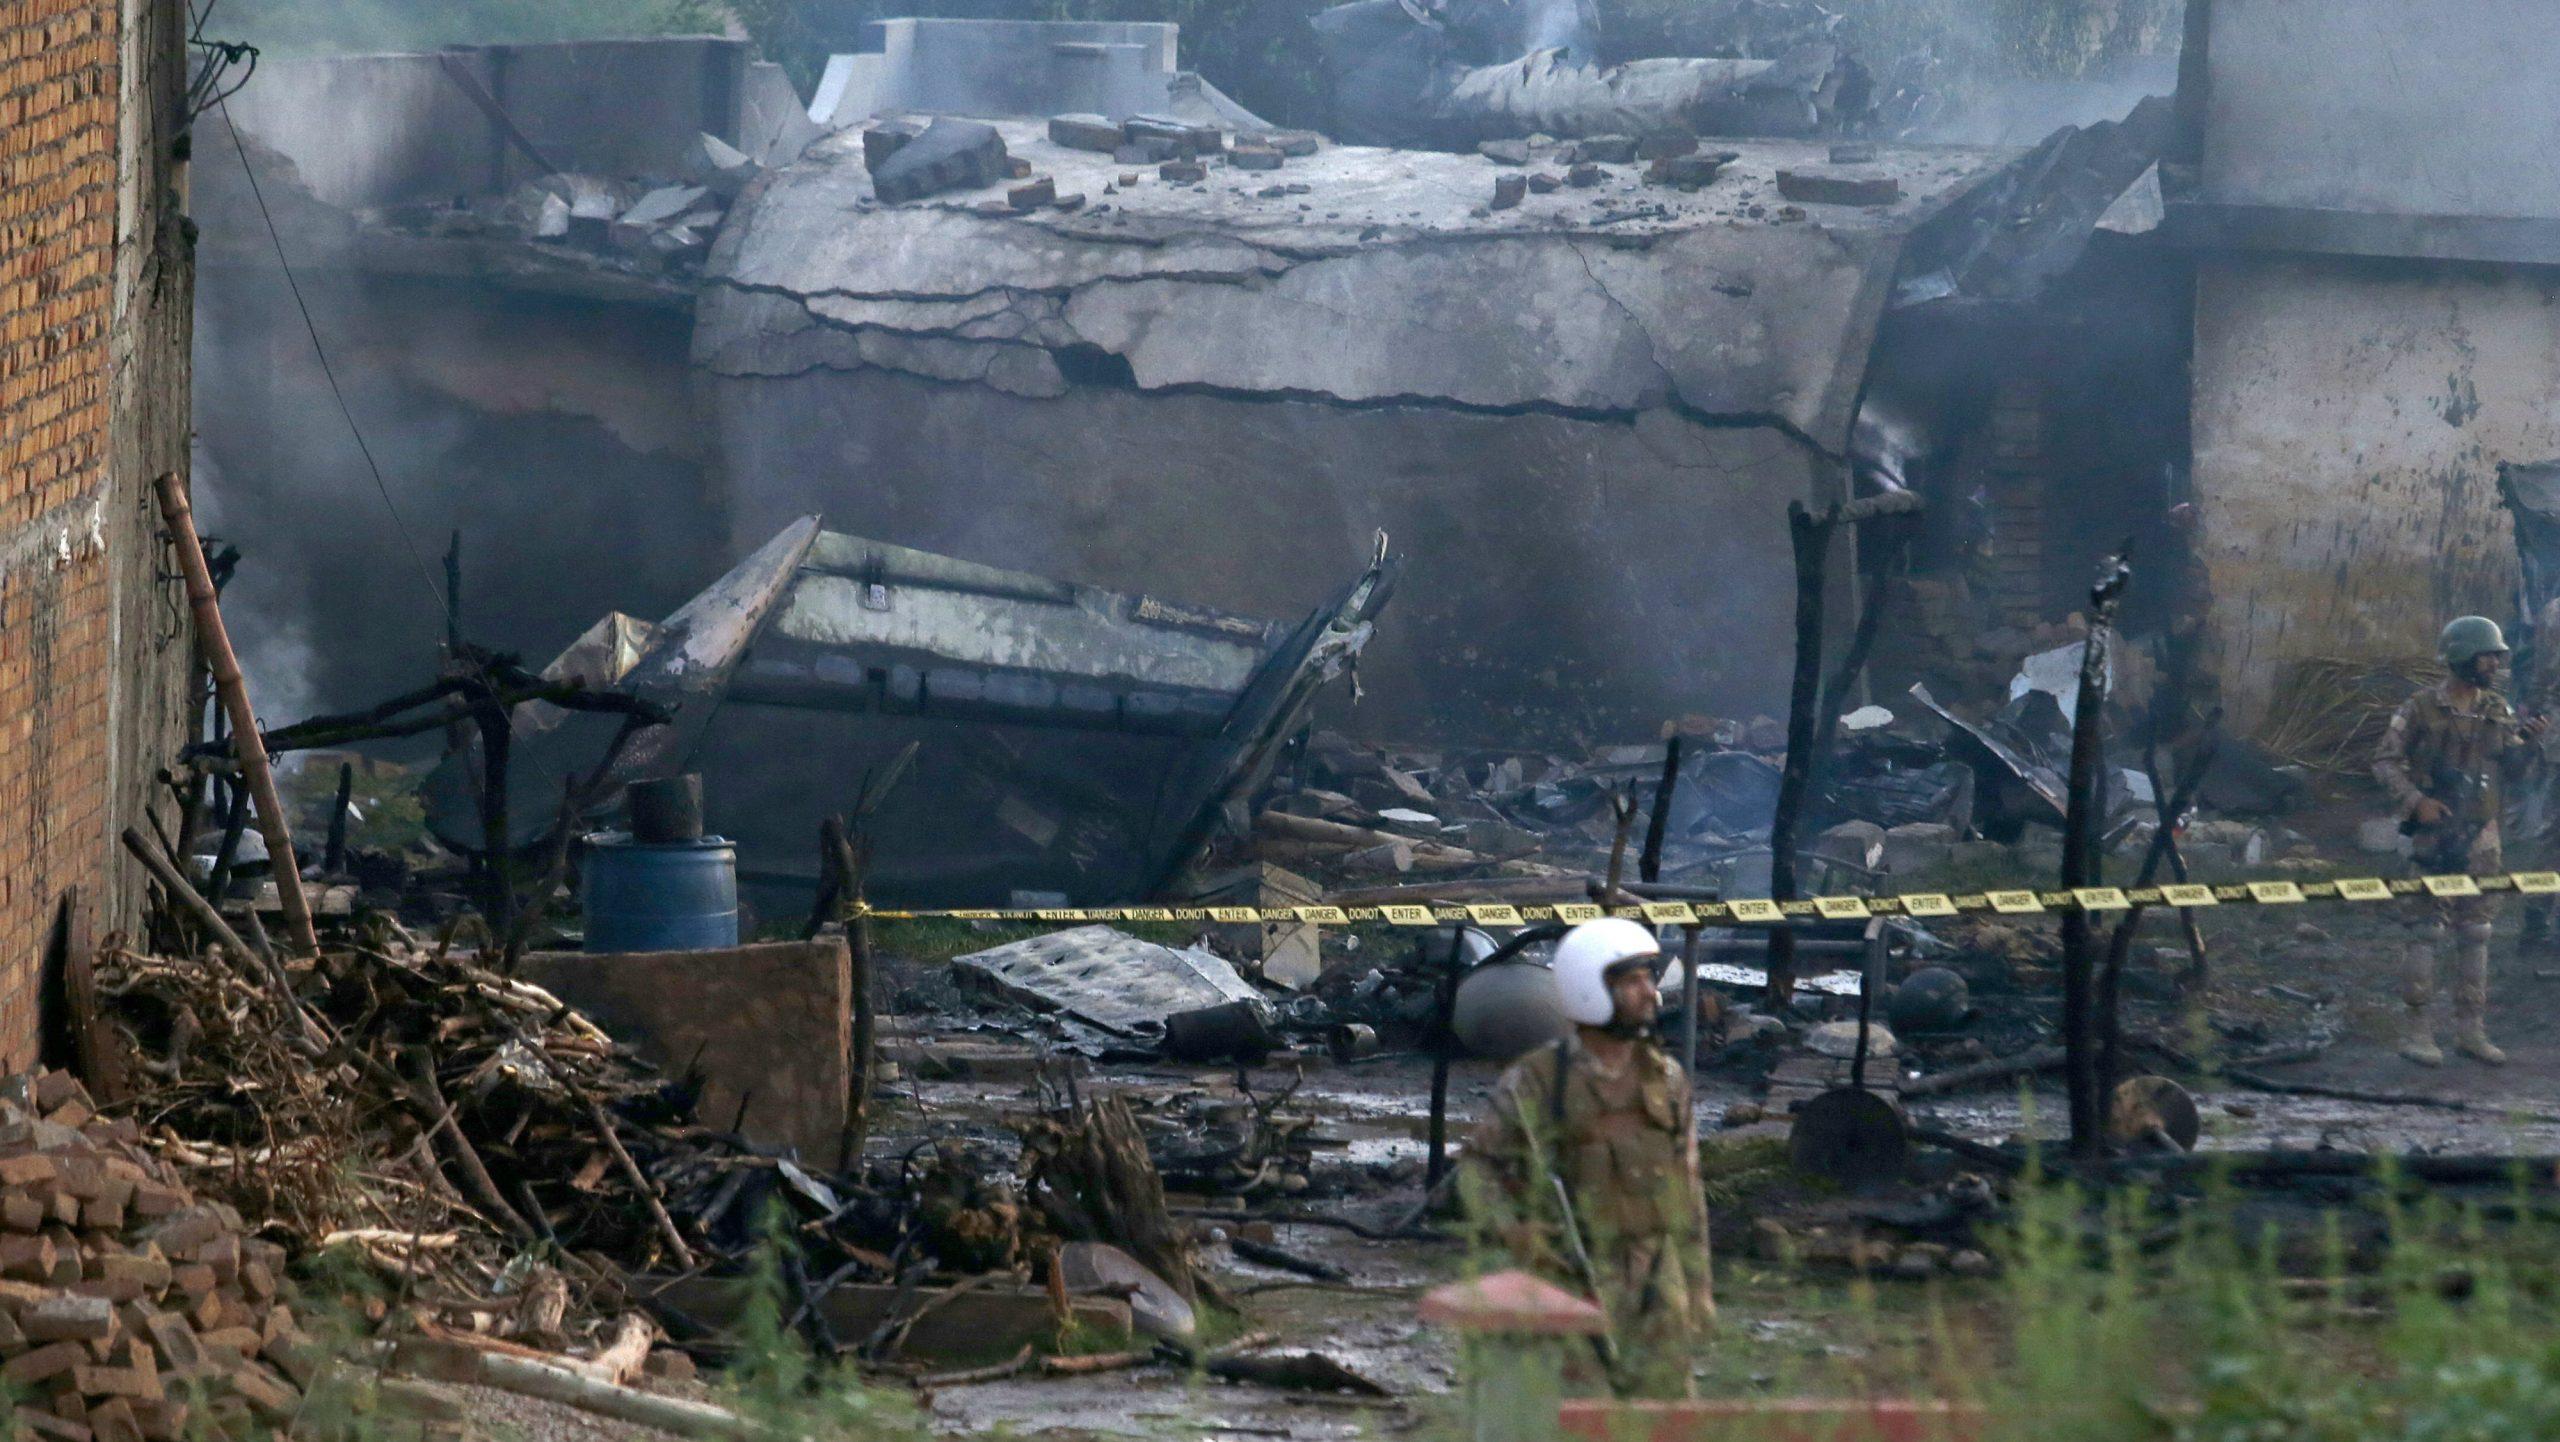 Osam mrtvih u bombaškom napadu na islamistički skup u Pakistanu 1